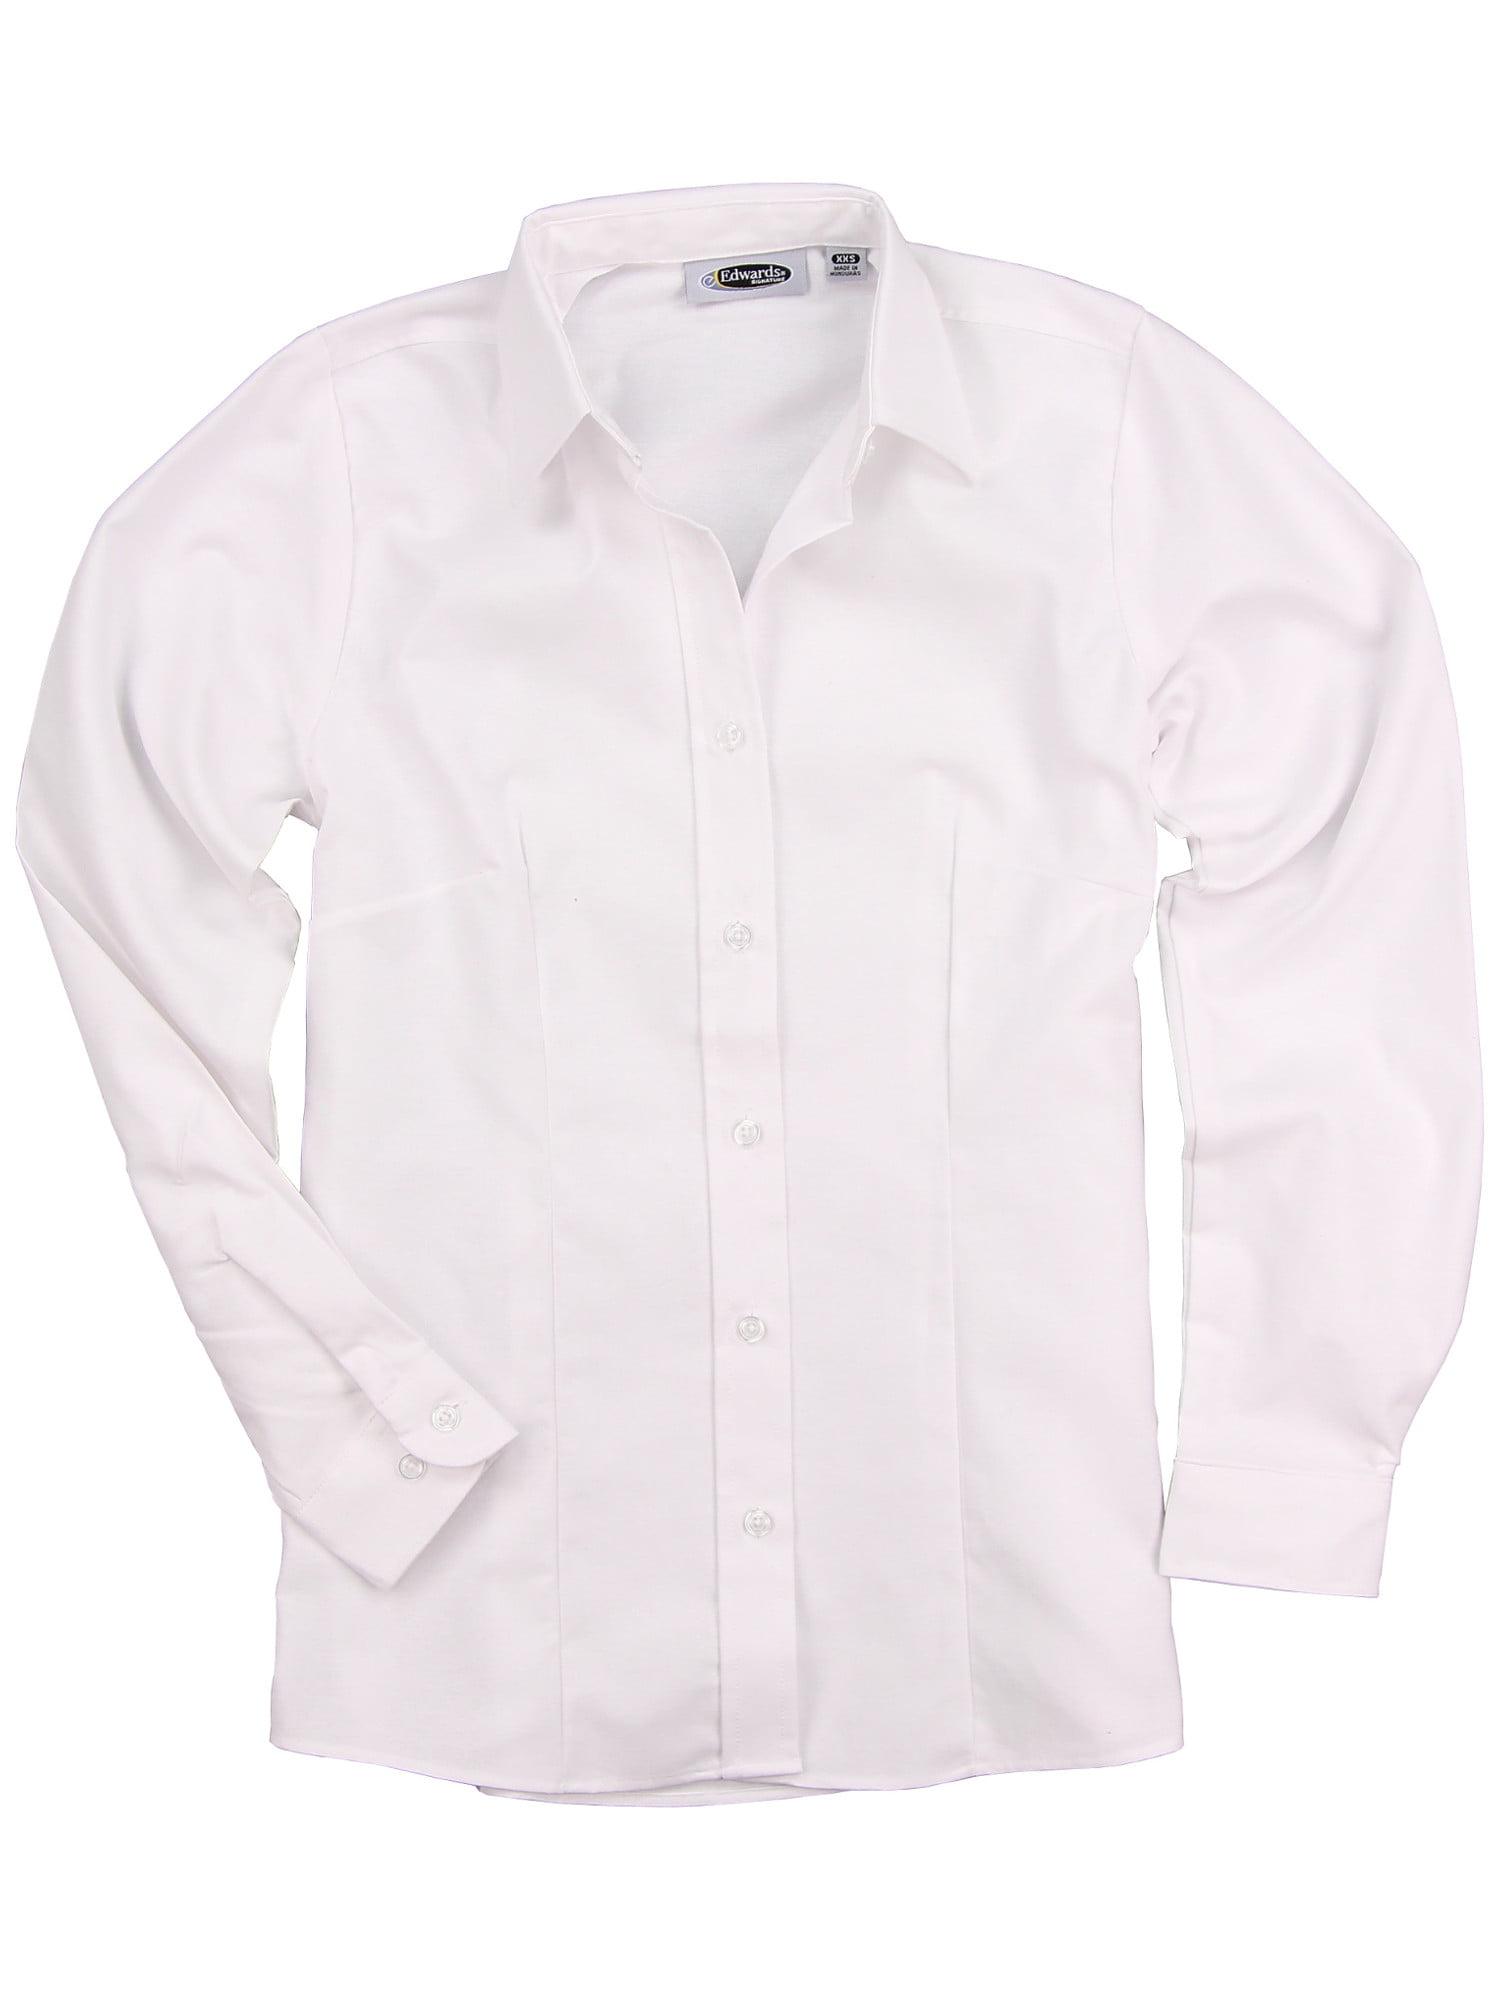 Edwards Womens Long Sleeve Oxford Shirt White X Large